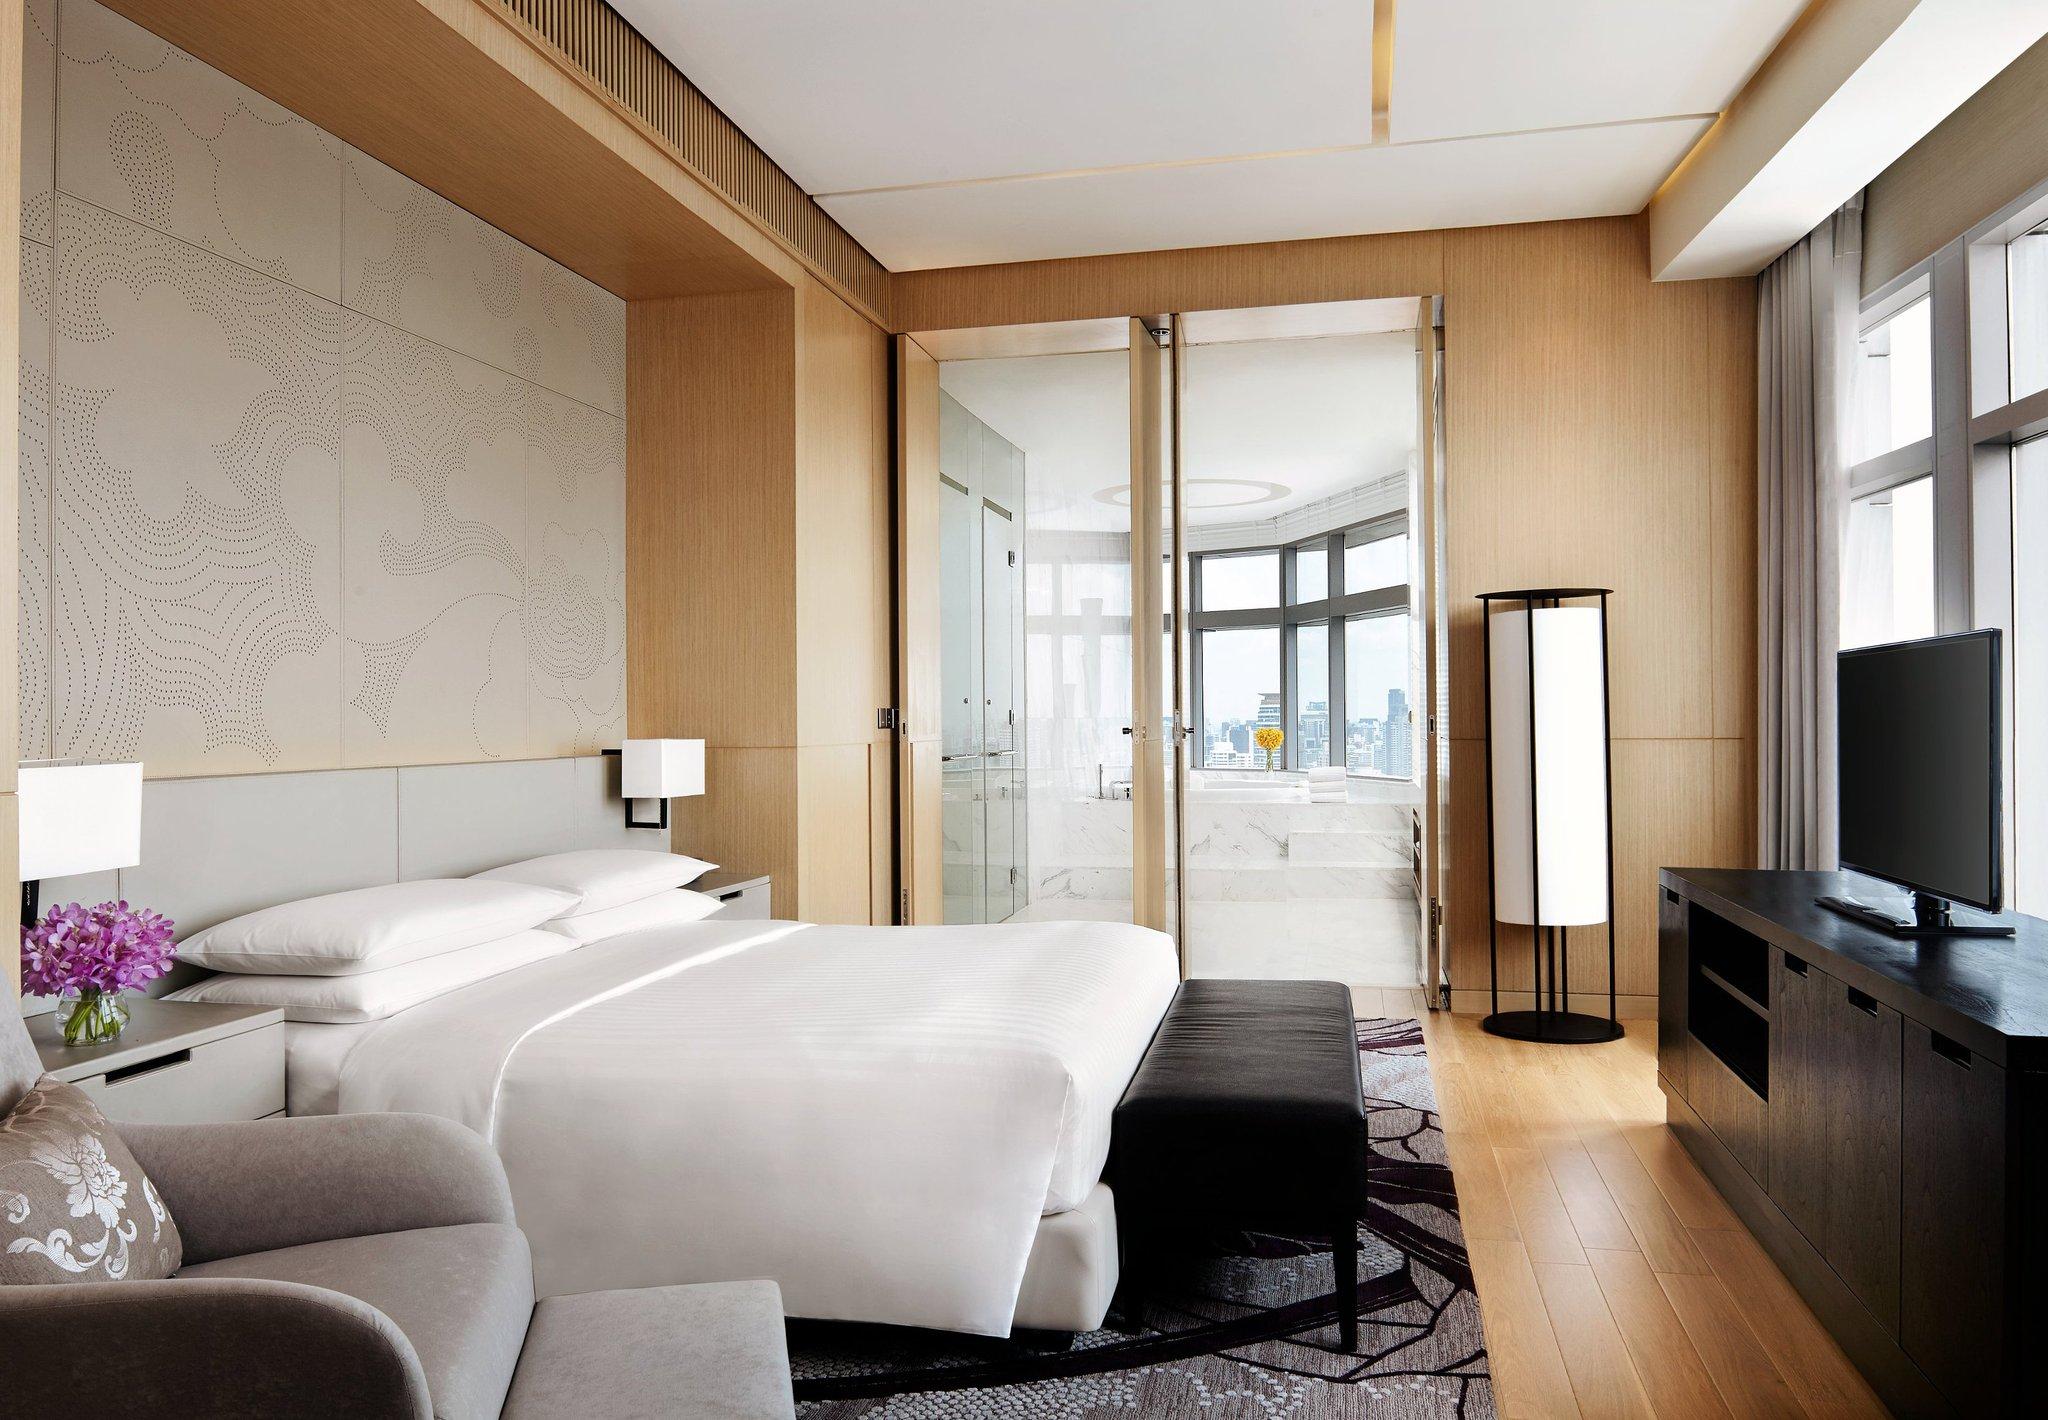 バンコク マリオット ホテル スクンビットの清涼感あふれる客室デザイン